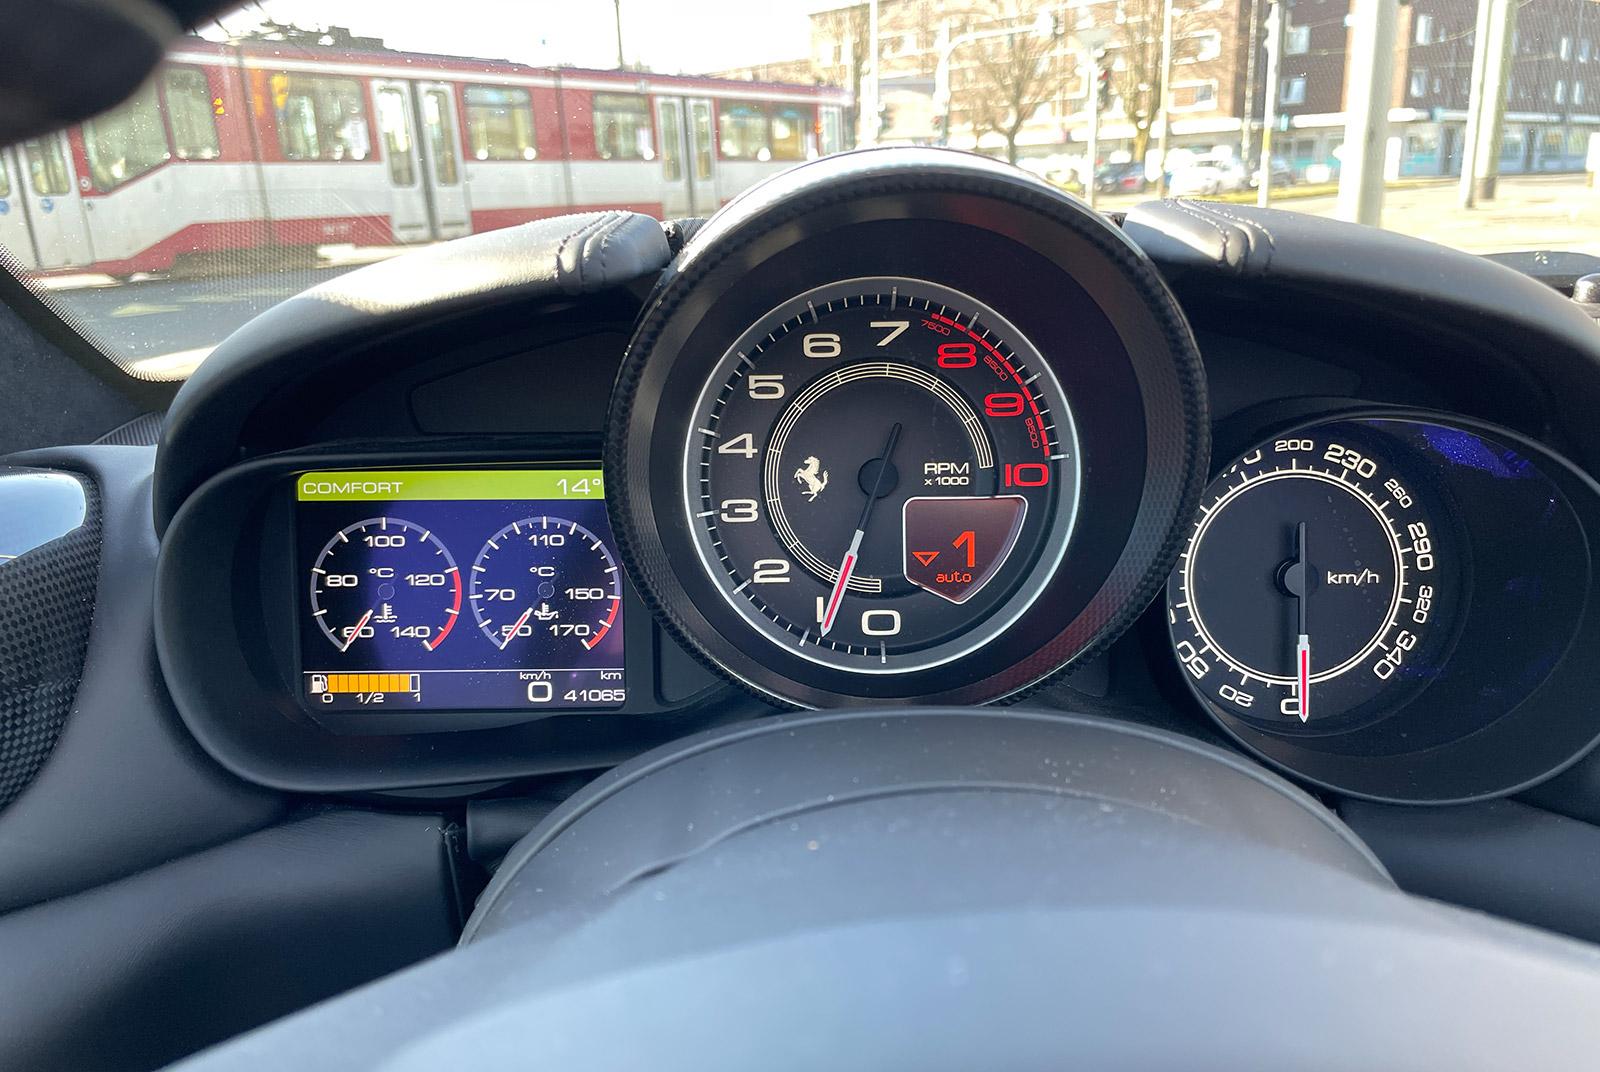 Ferrari_California_Schwarz_Schwarz_FER-6875_07